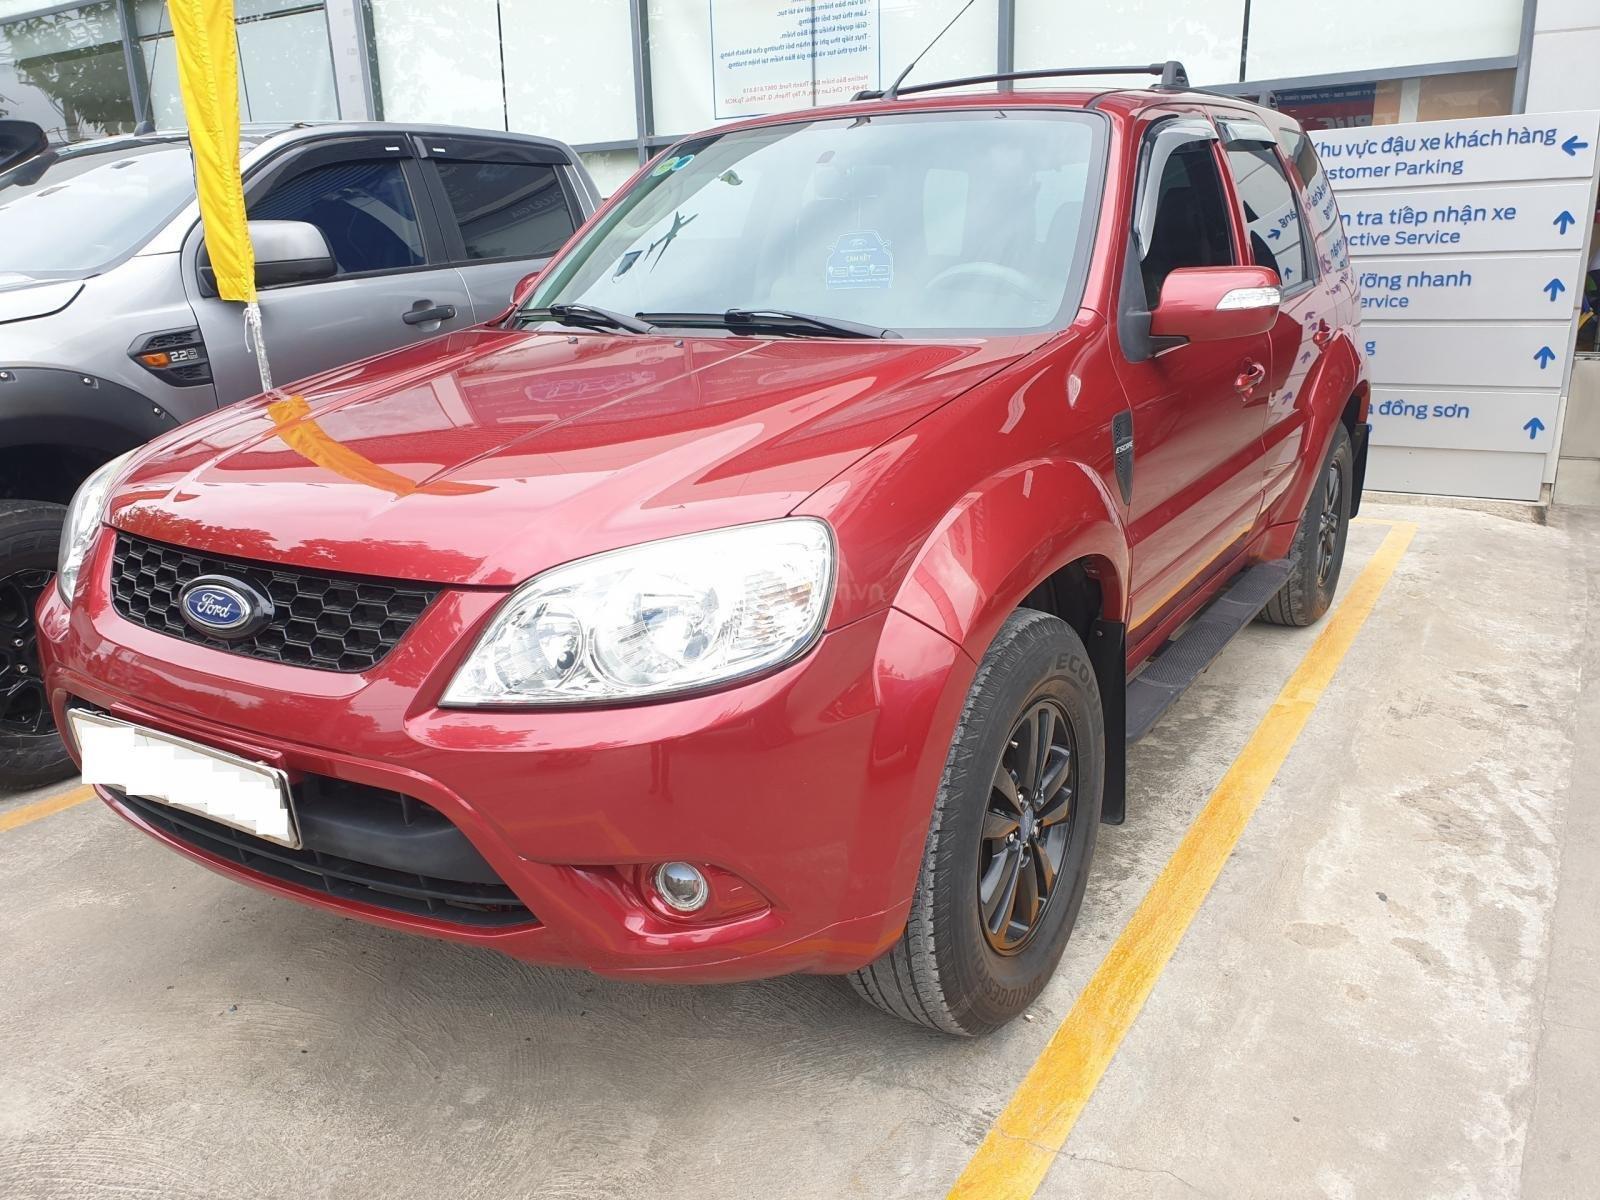 Bán Ford Escape XLS 2.3 4x2 đời 2010, màu đỏ, bảo hành 01 năm (1)